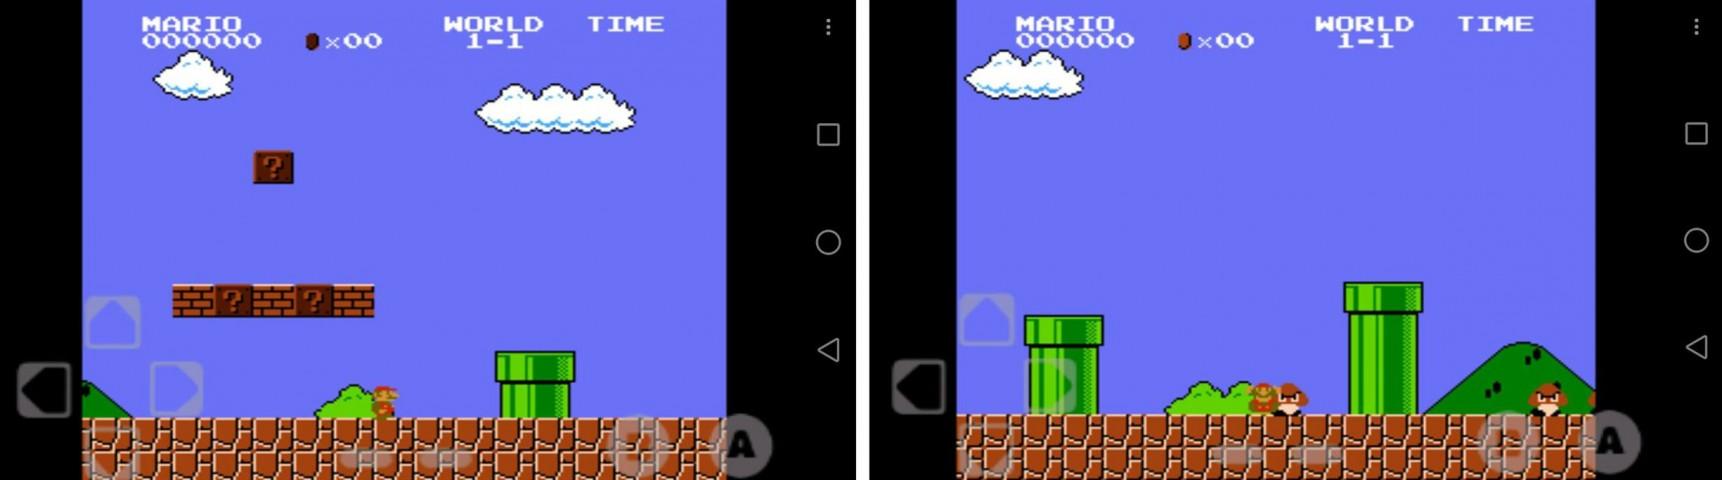 super-mario-bros-apk-download.jpg